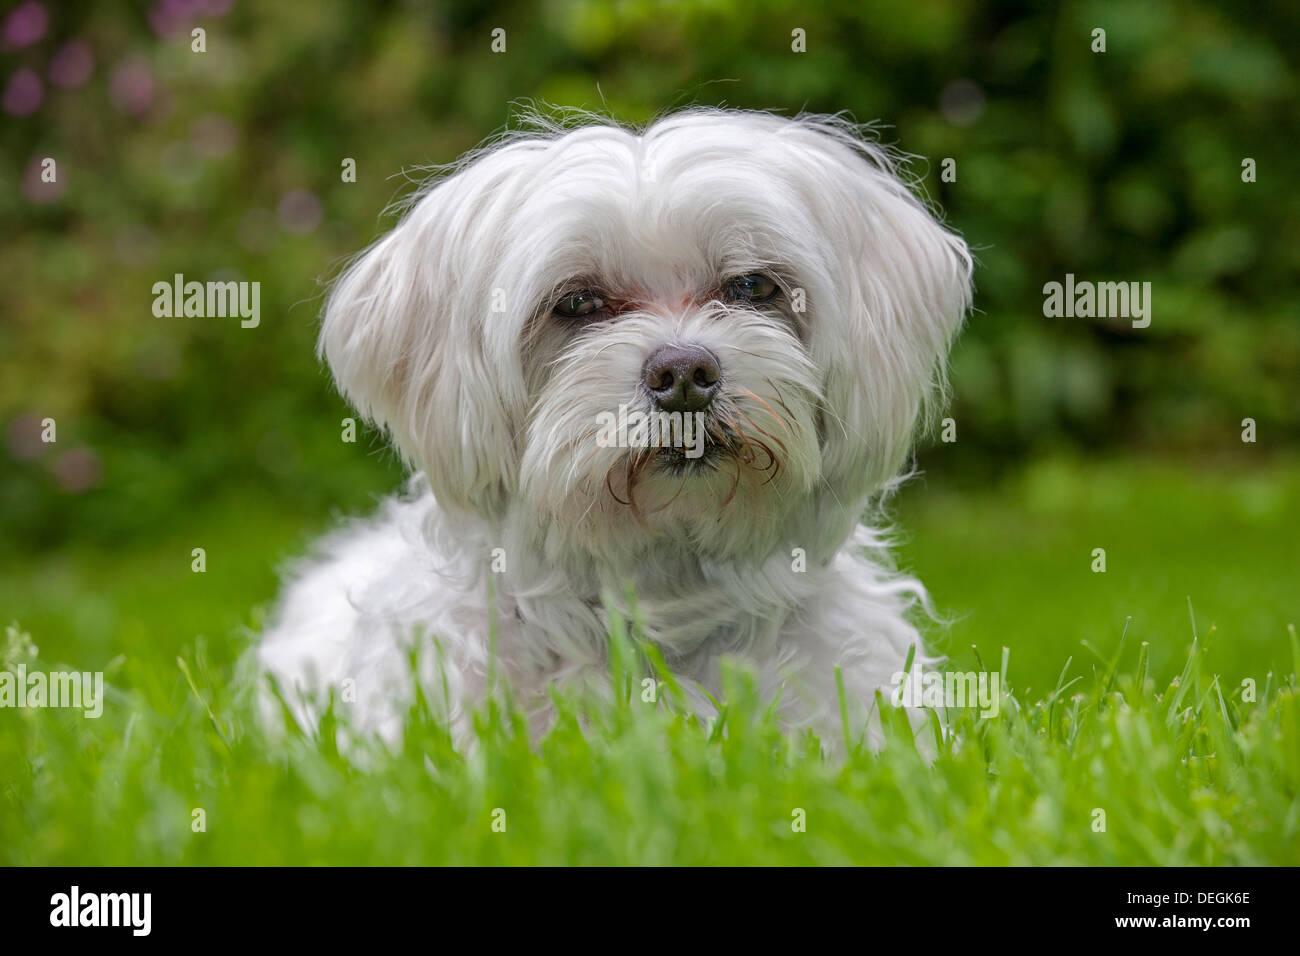 Ritratto di Maltese Maltezer / cane (Canis lupus familiaris) seduti in giardino Immagini Stock